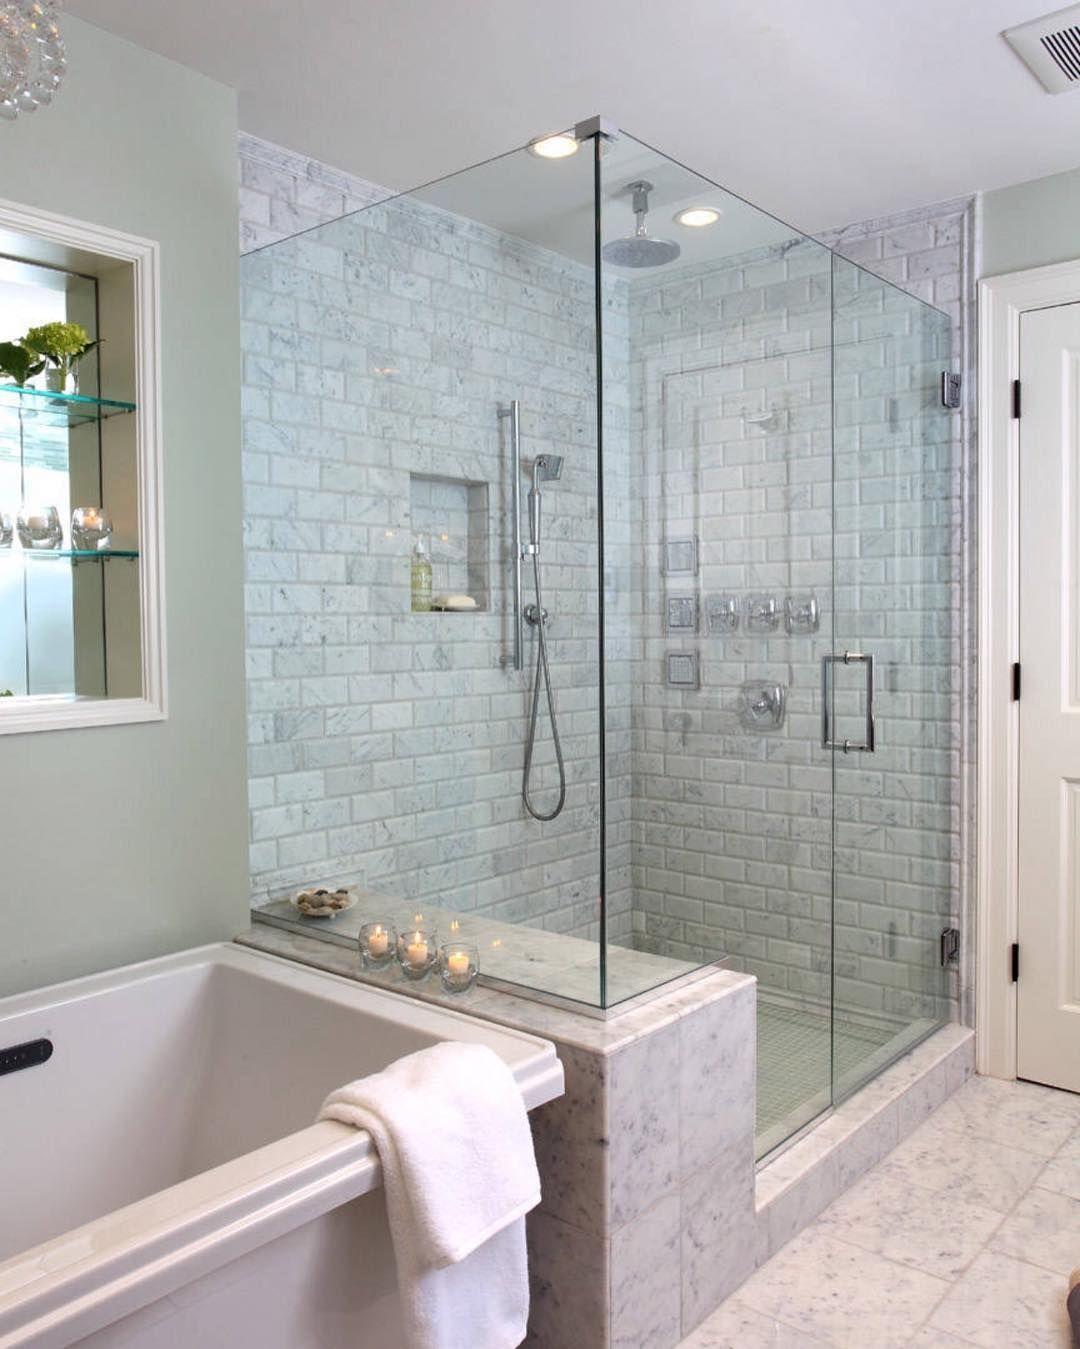 Explore Design Homes Bathroom Ideas and more